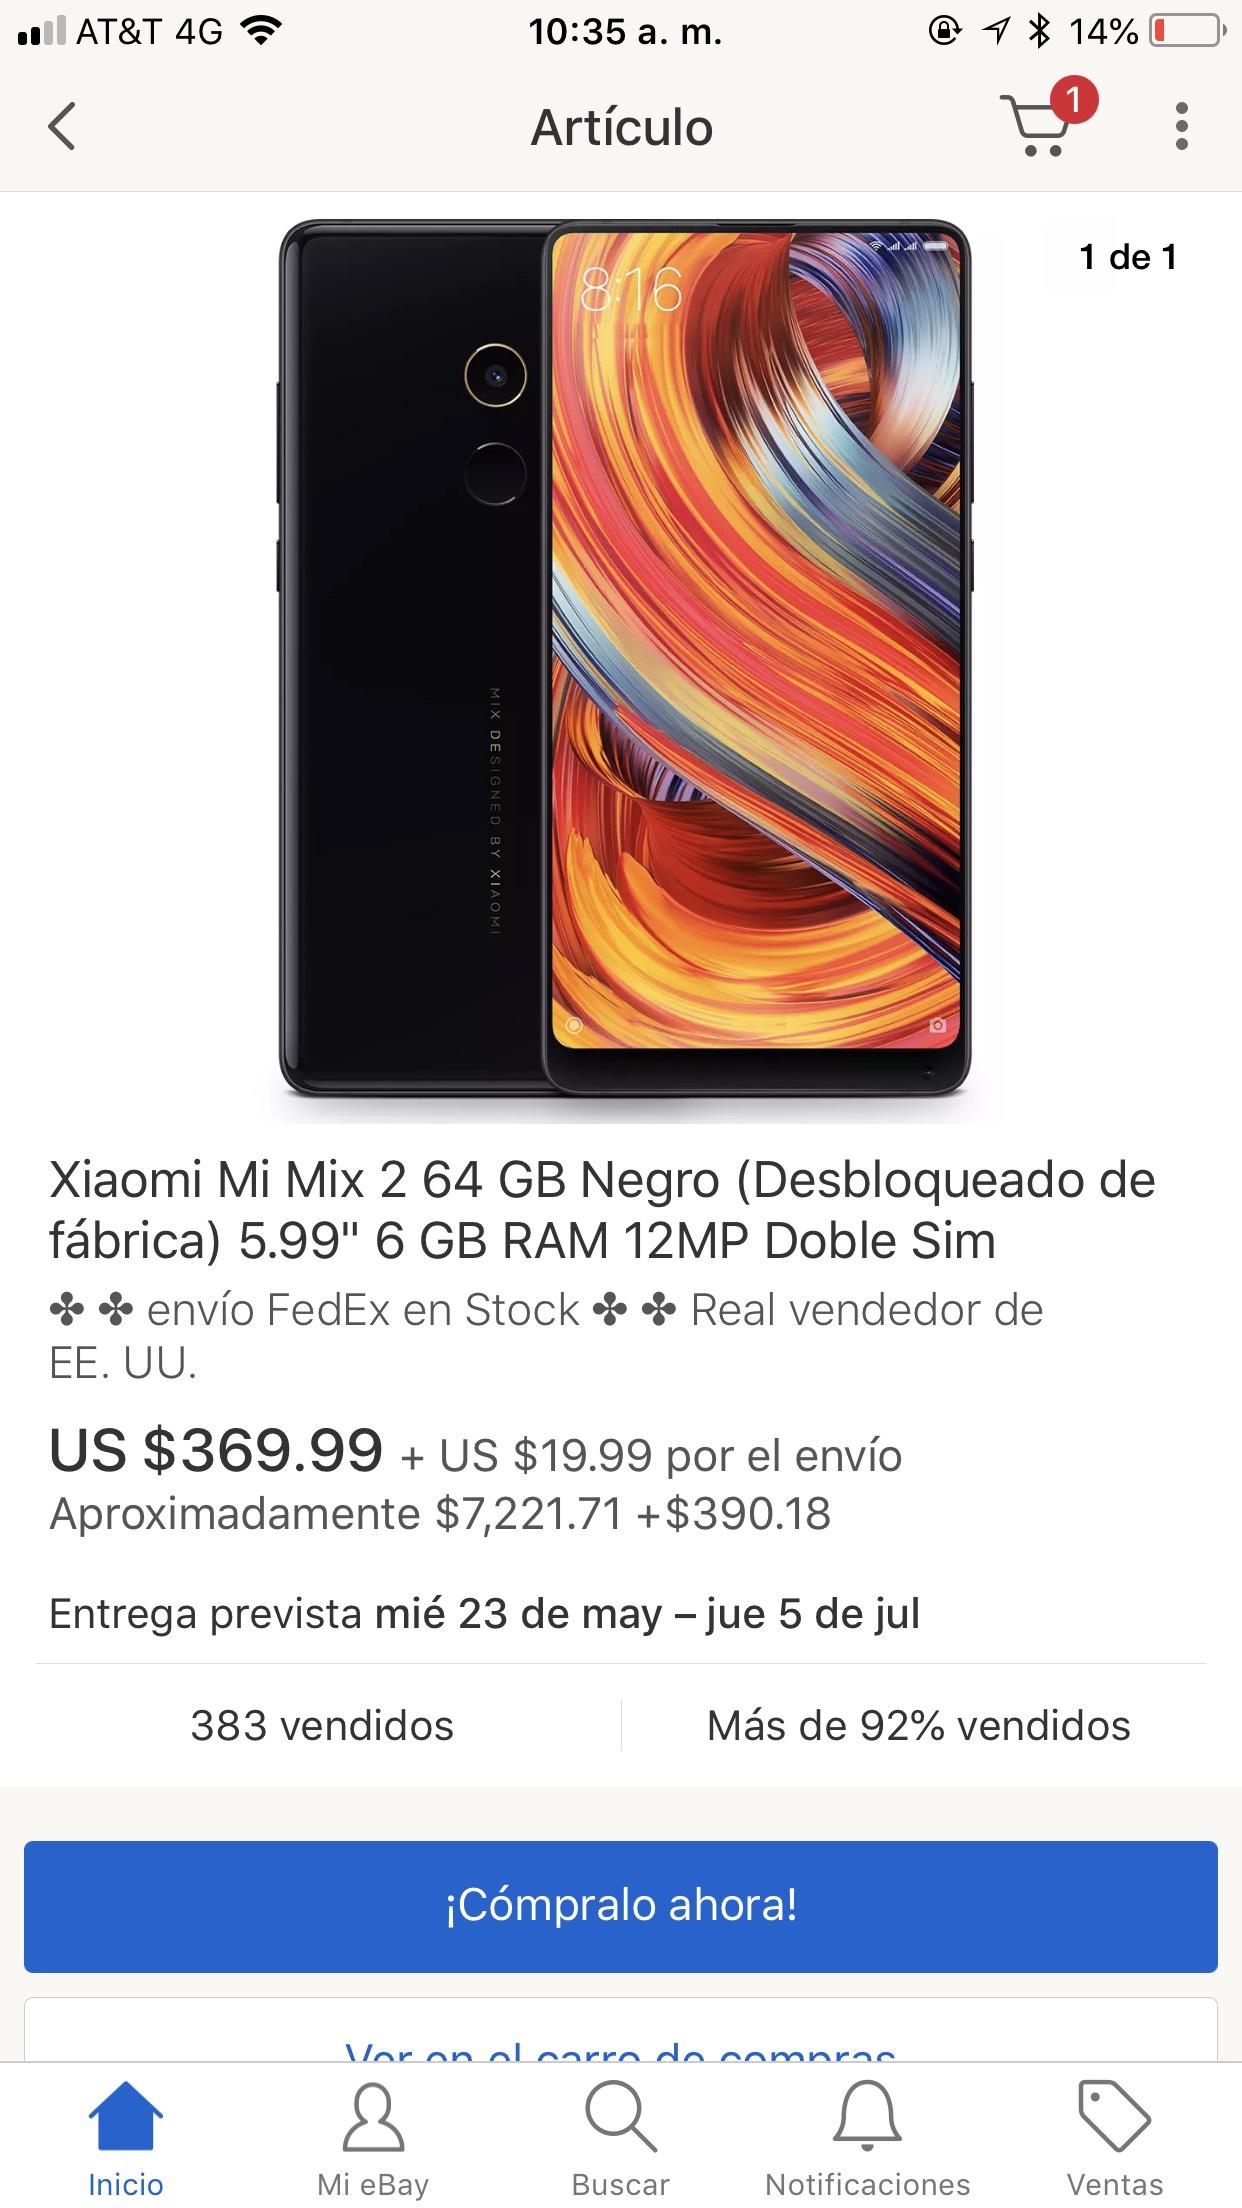 ebay: Xiaomi mi mix 2 64 gb